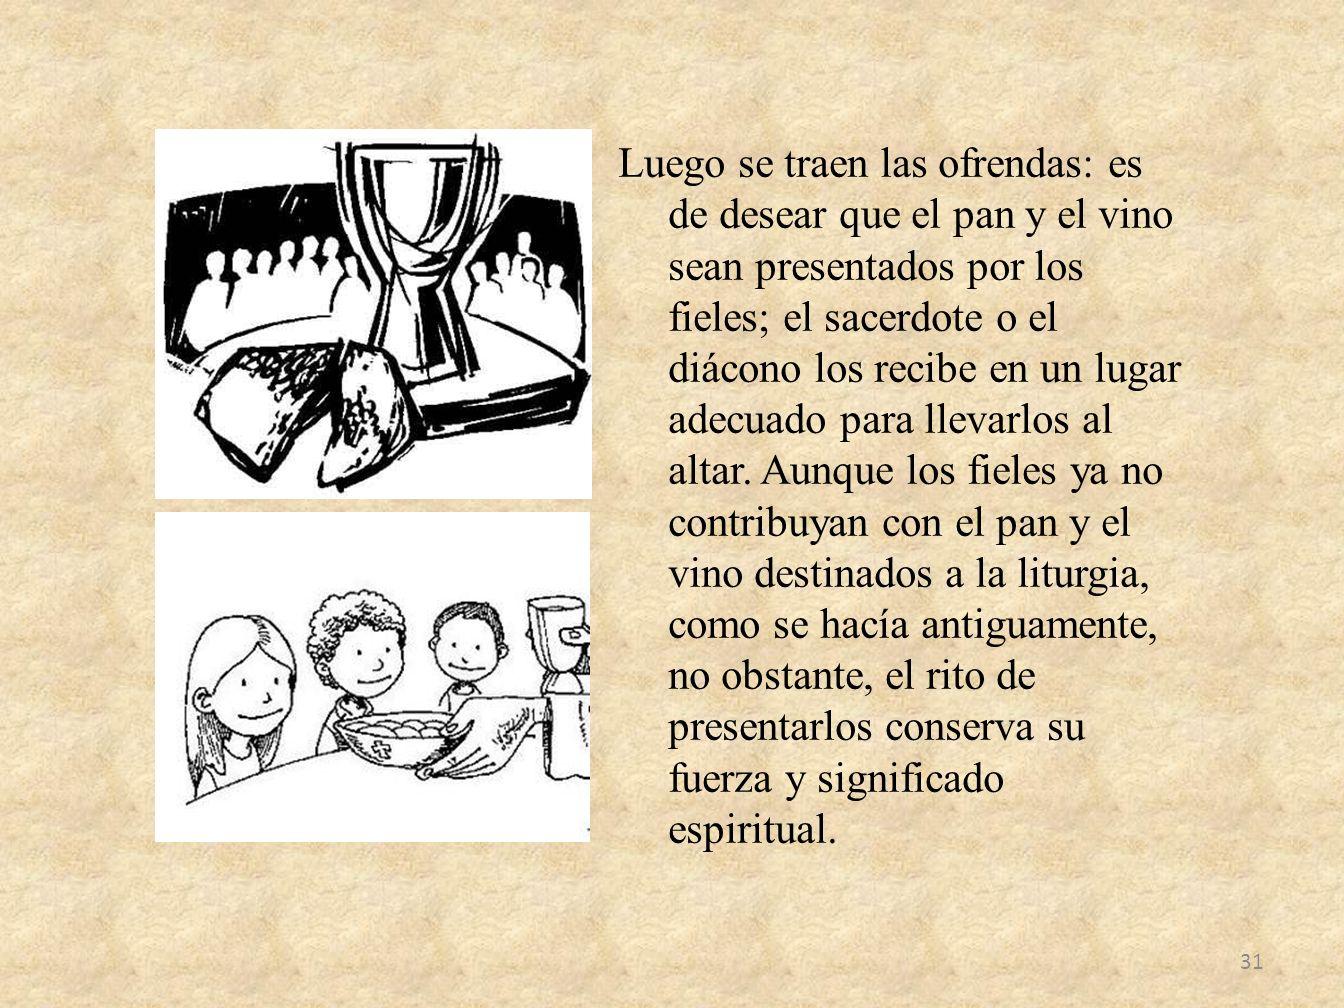 Luego se traen las ofrendas: es de desear que el pan y el vino sean presentados por los fieles; el sacerdote o el diácono los recibe en un lugar adecu